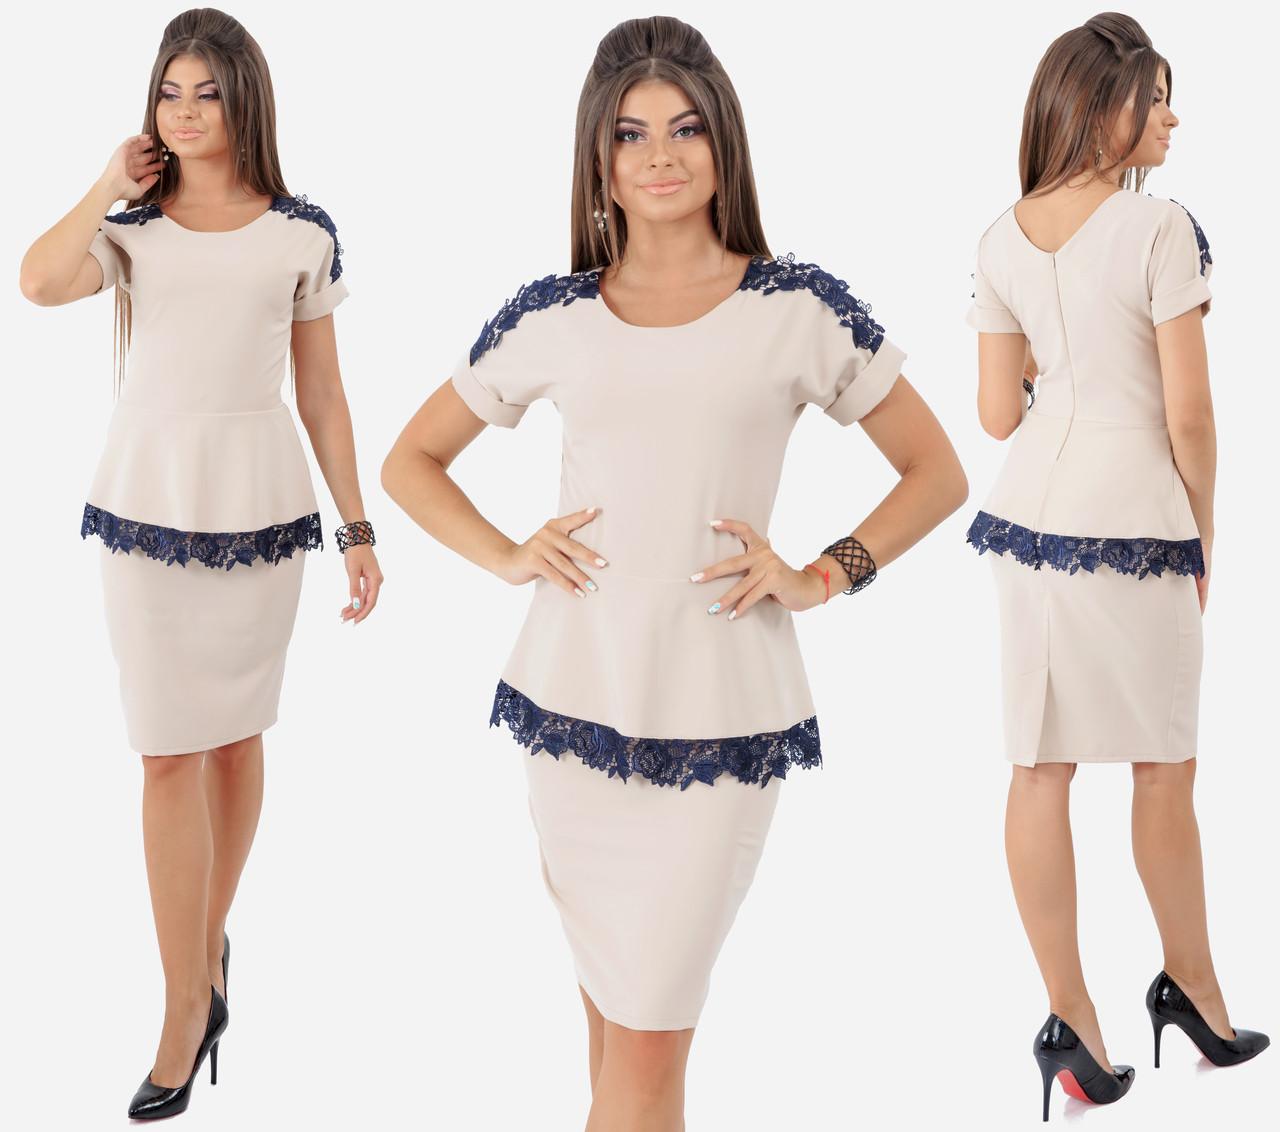 Платье  с баской, декорировано кружевом / 4 цвета арт 6560-92